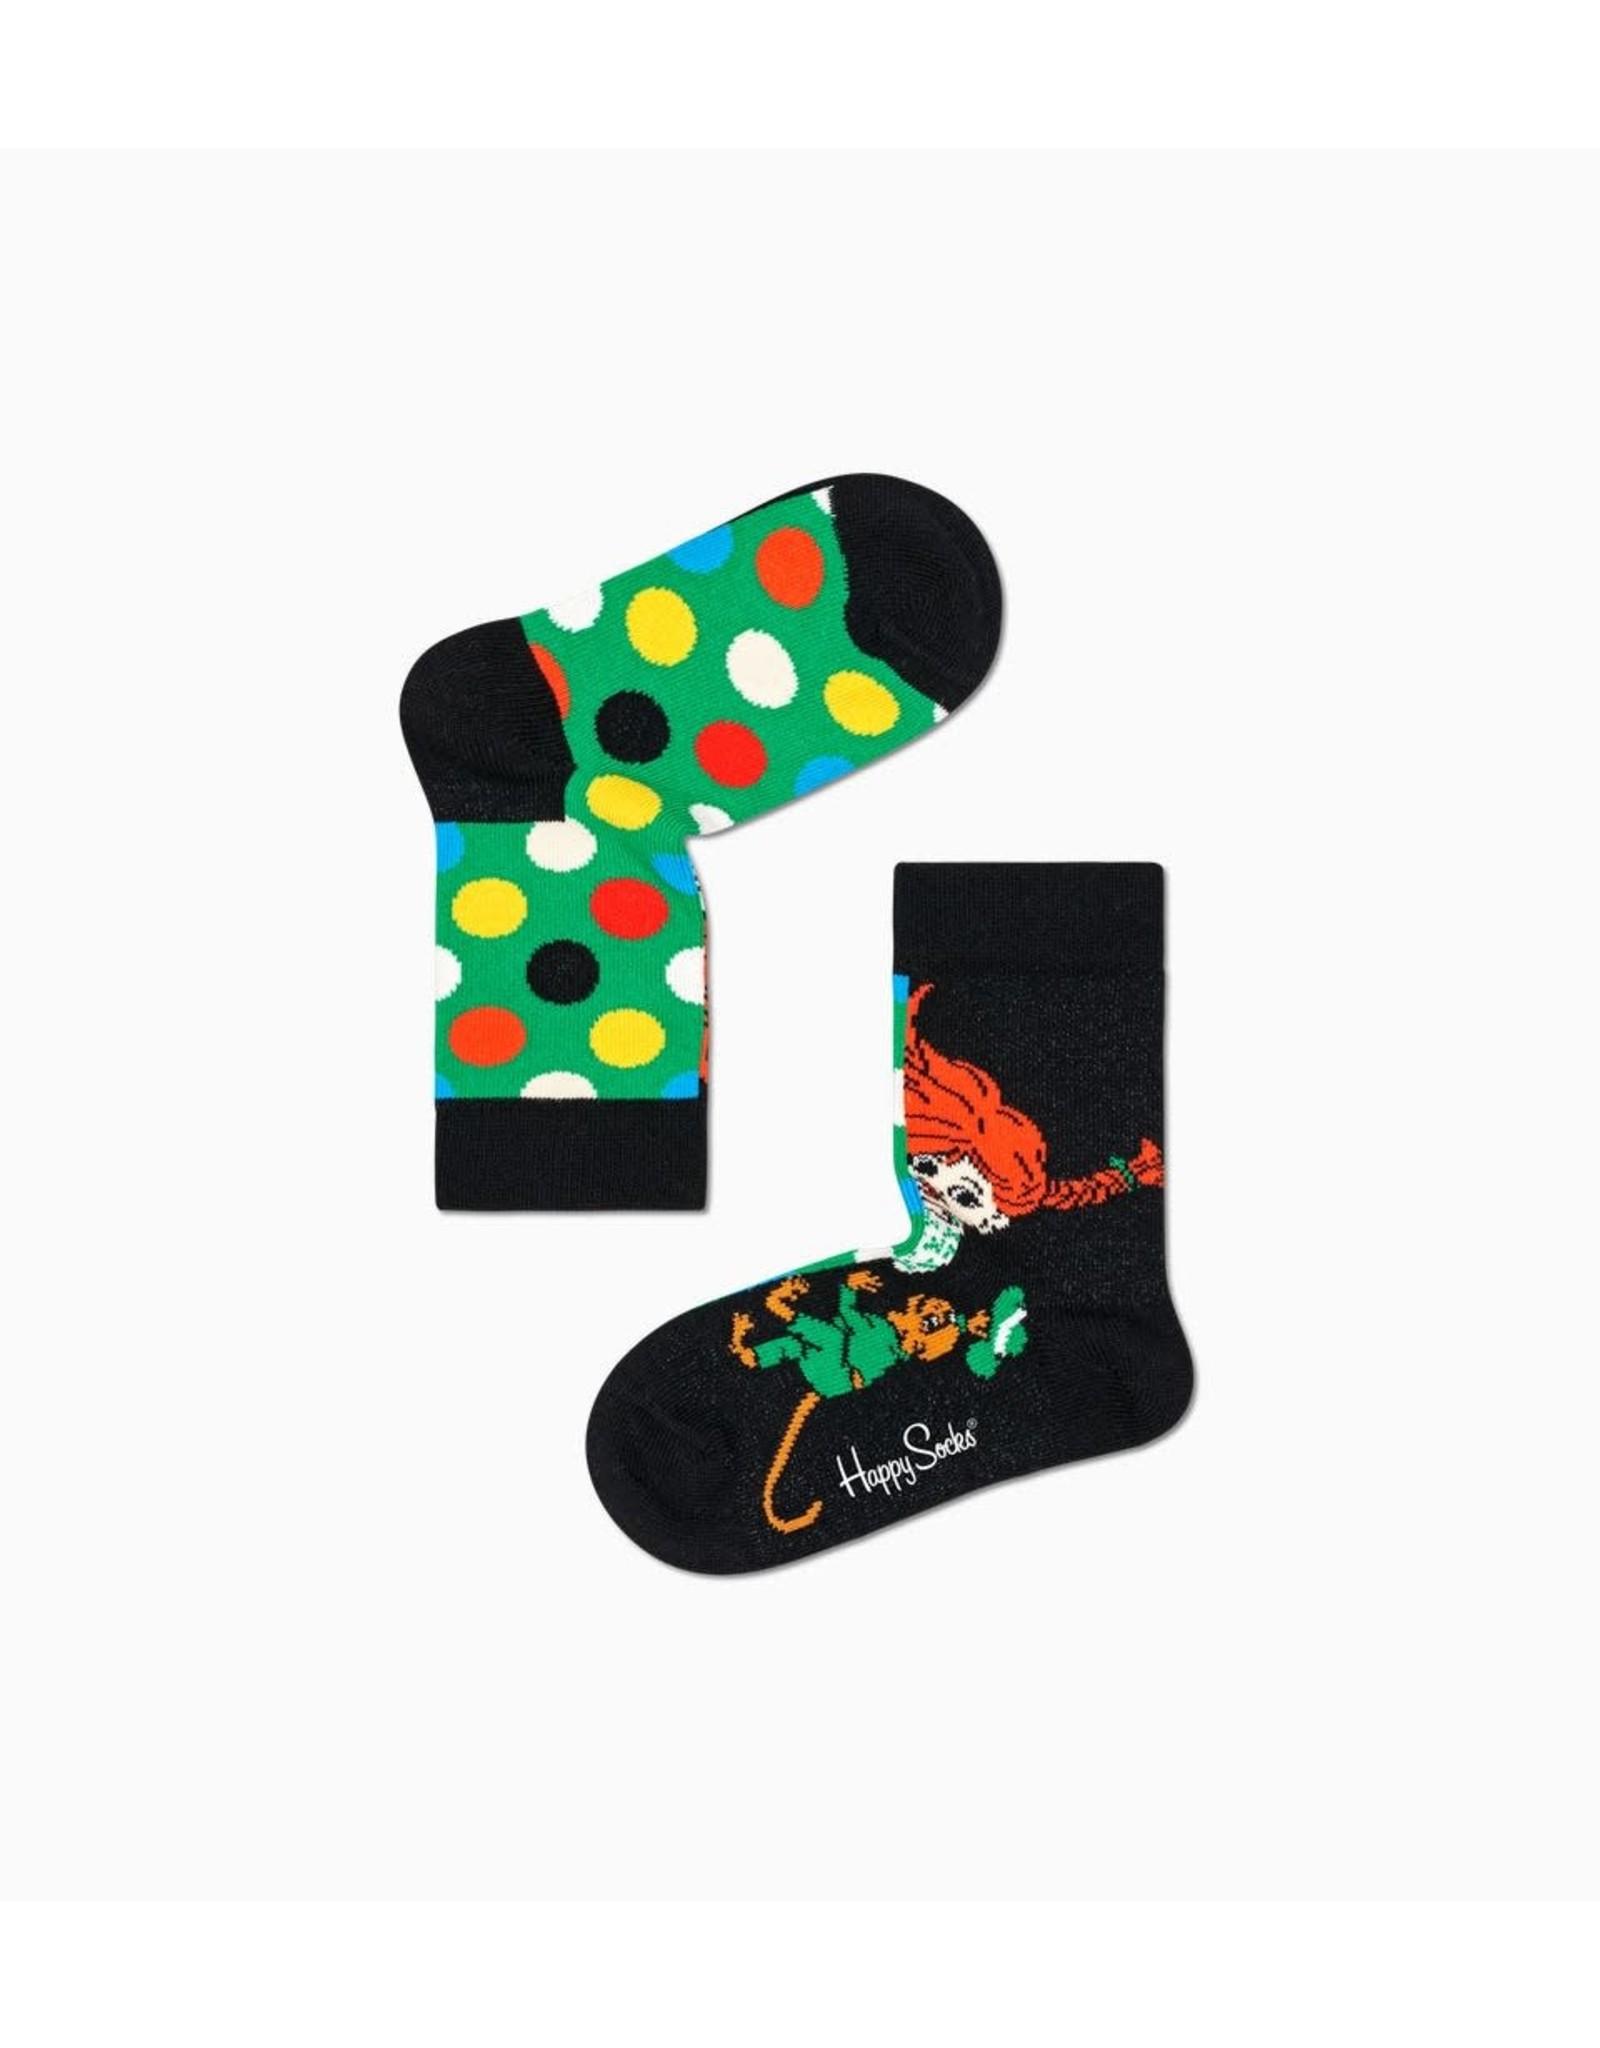 Happy Socks 2 verschillende Pippi Langkous sokken